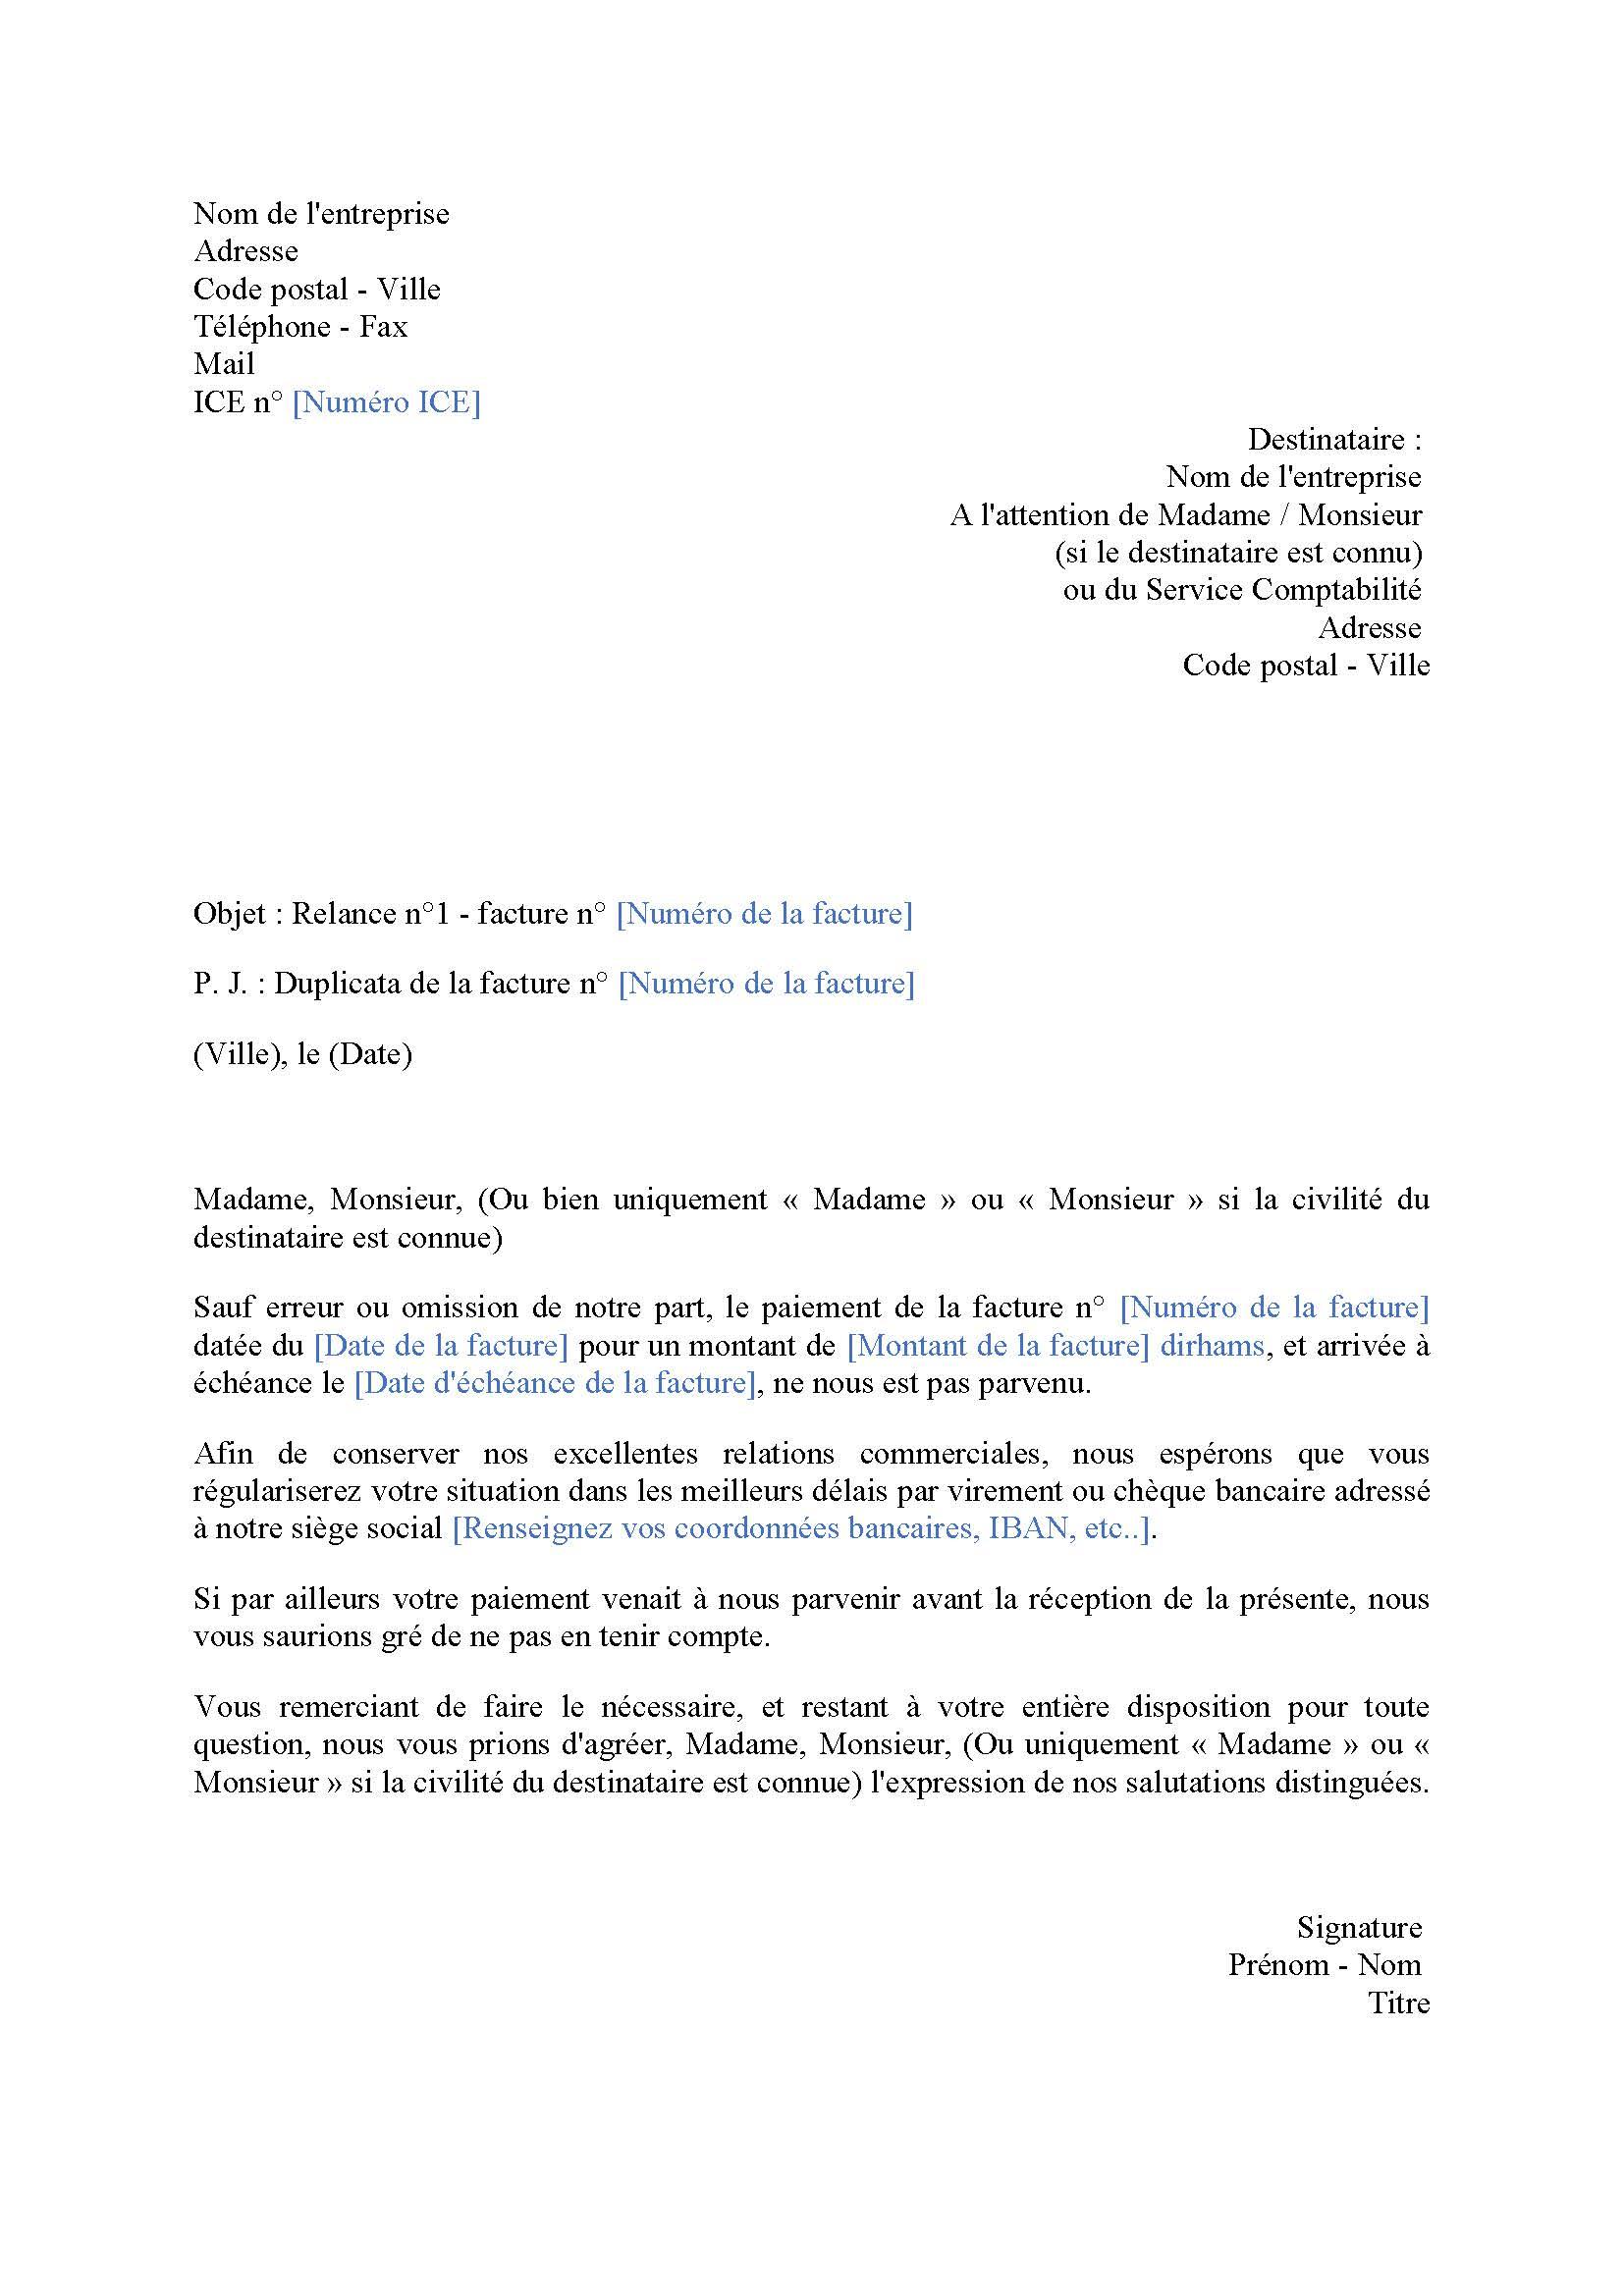 lettre_de_relance_client | Le Journal d'Annonces Légales